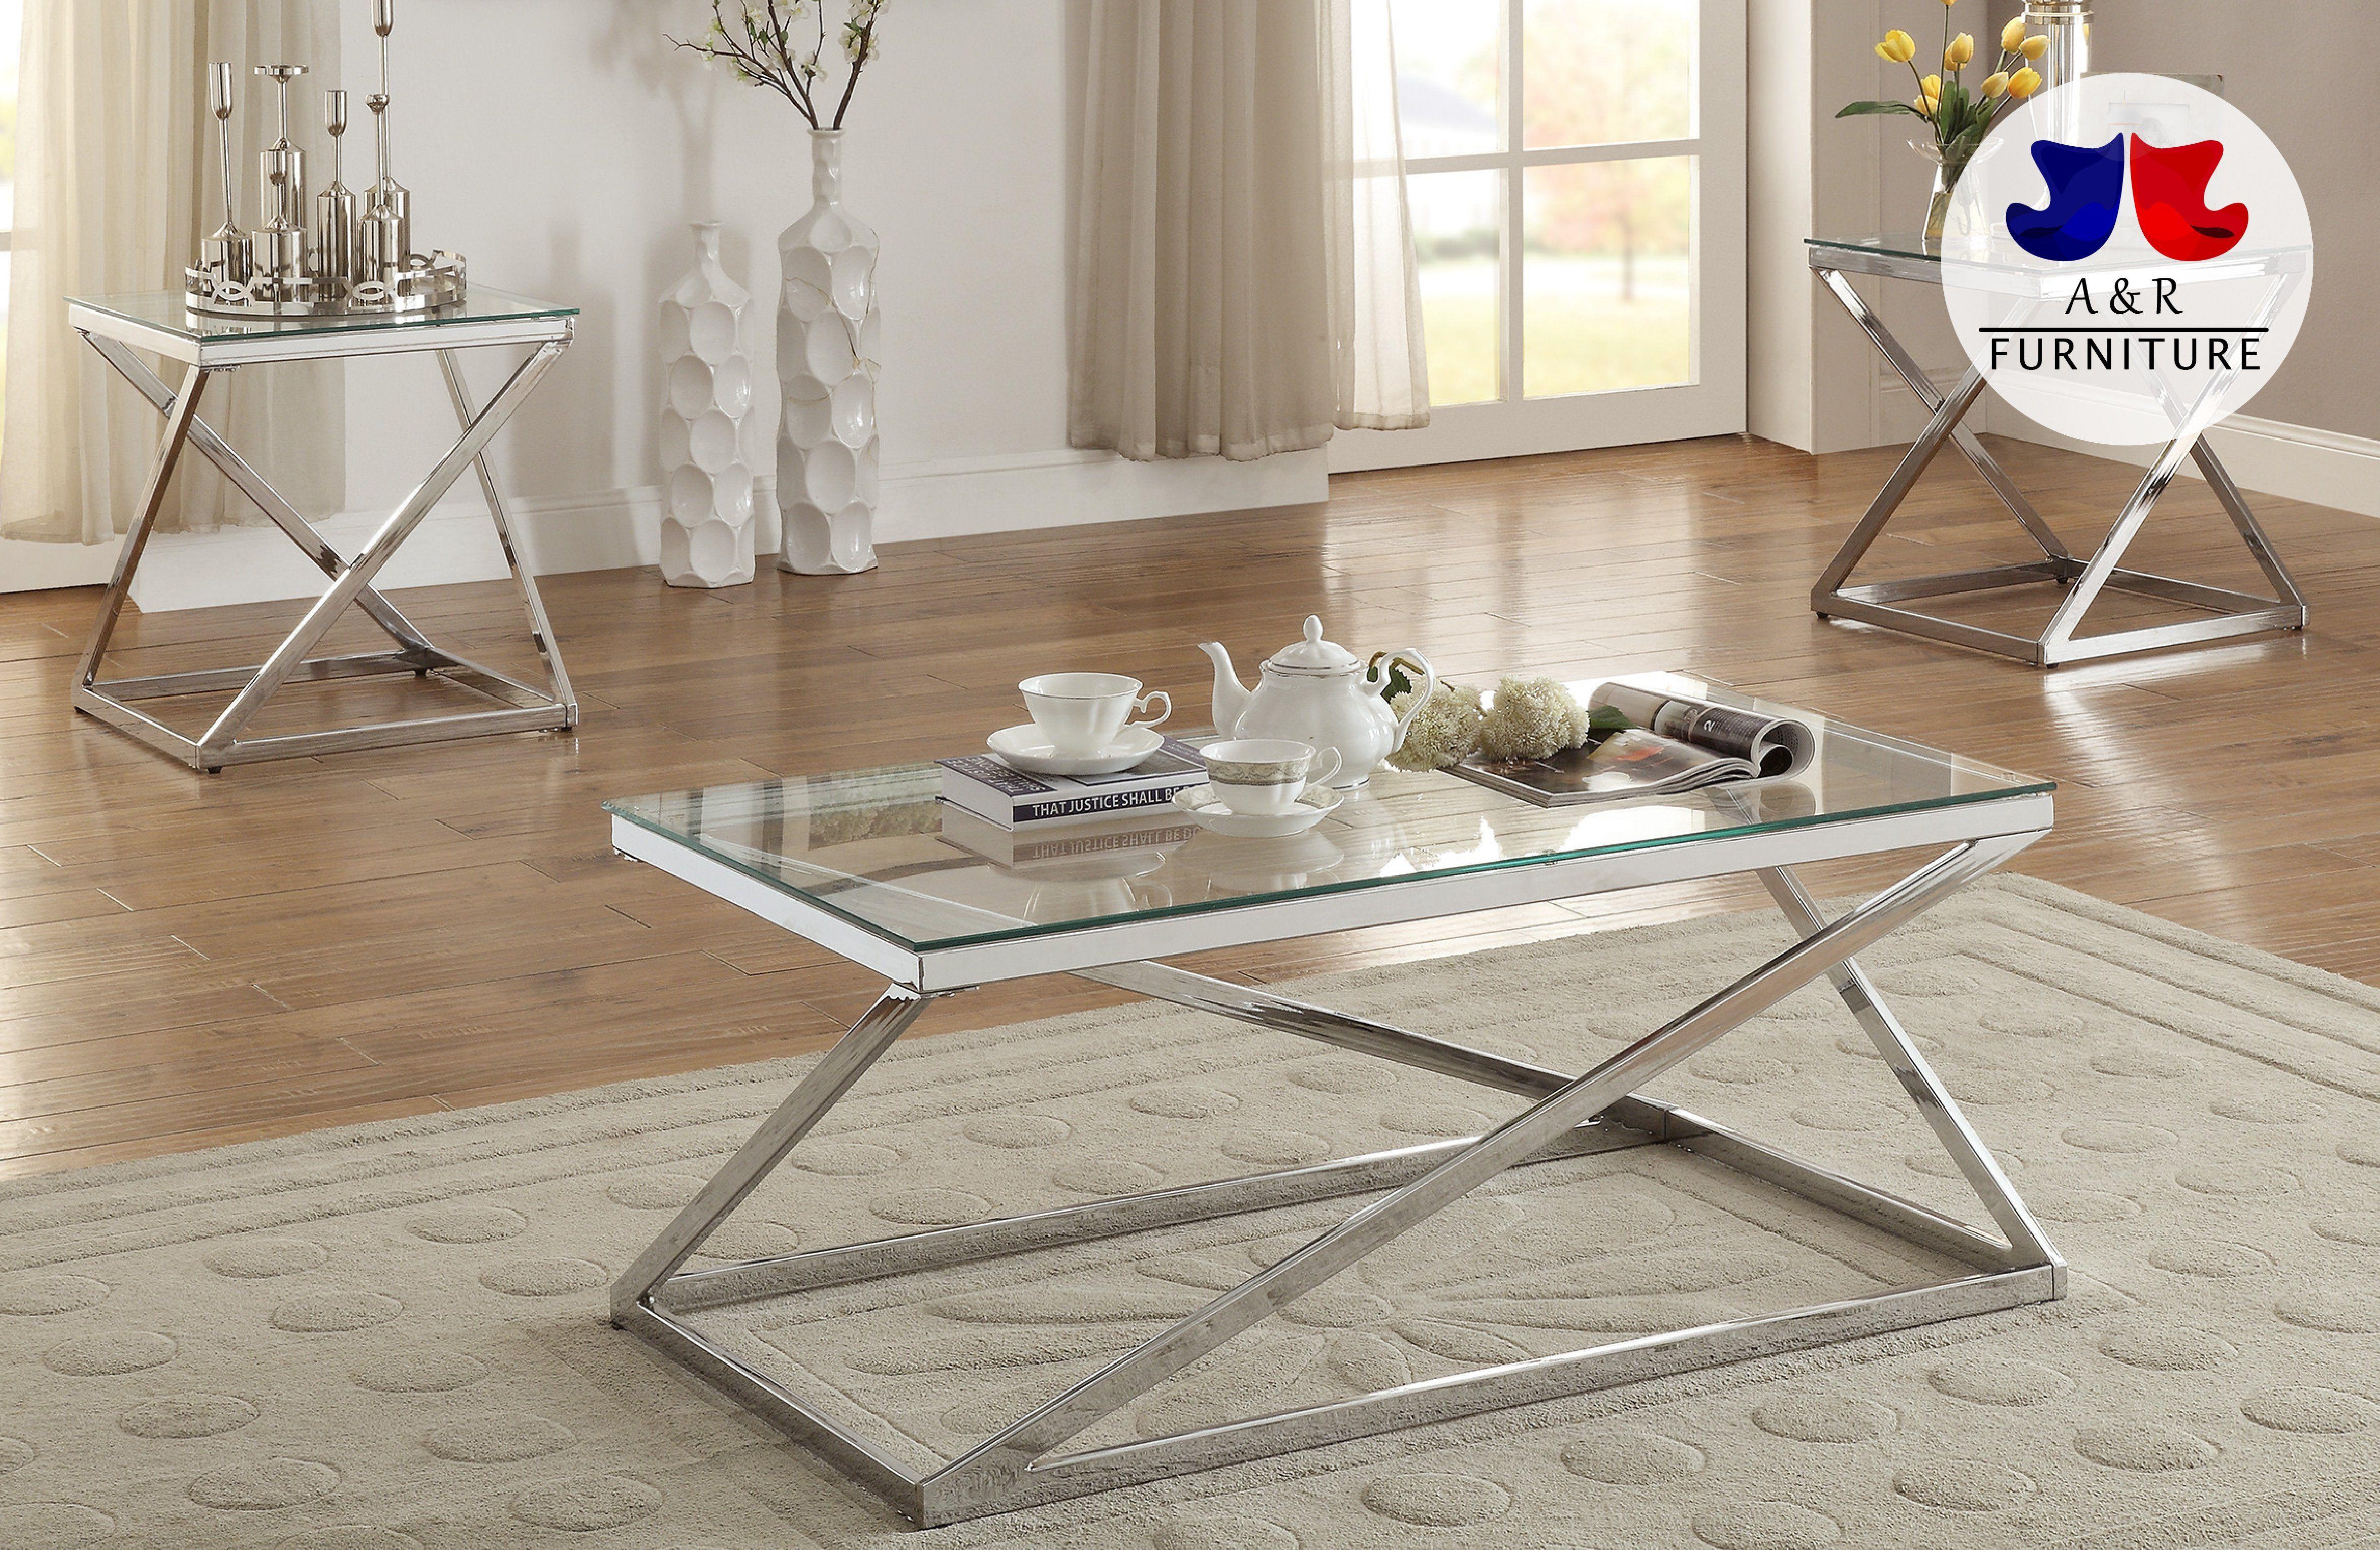 Z Shape Base Glass Top 3pcs Coffee Table Set Pdx 132 Mesas De Cafe Mesas De Centro Redondas Mesas Para Sala [ 3063 x 4704 Pixel ]